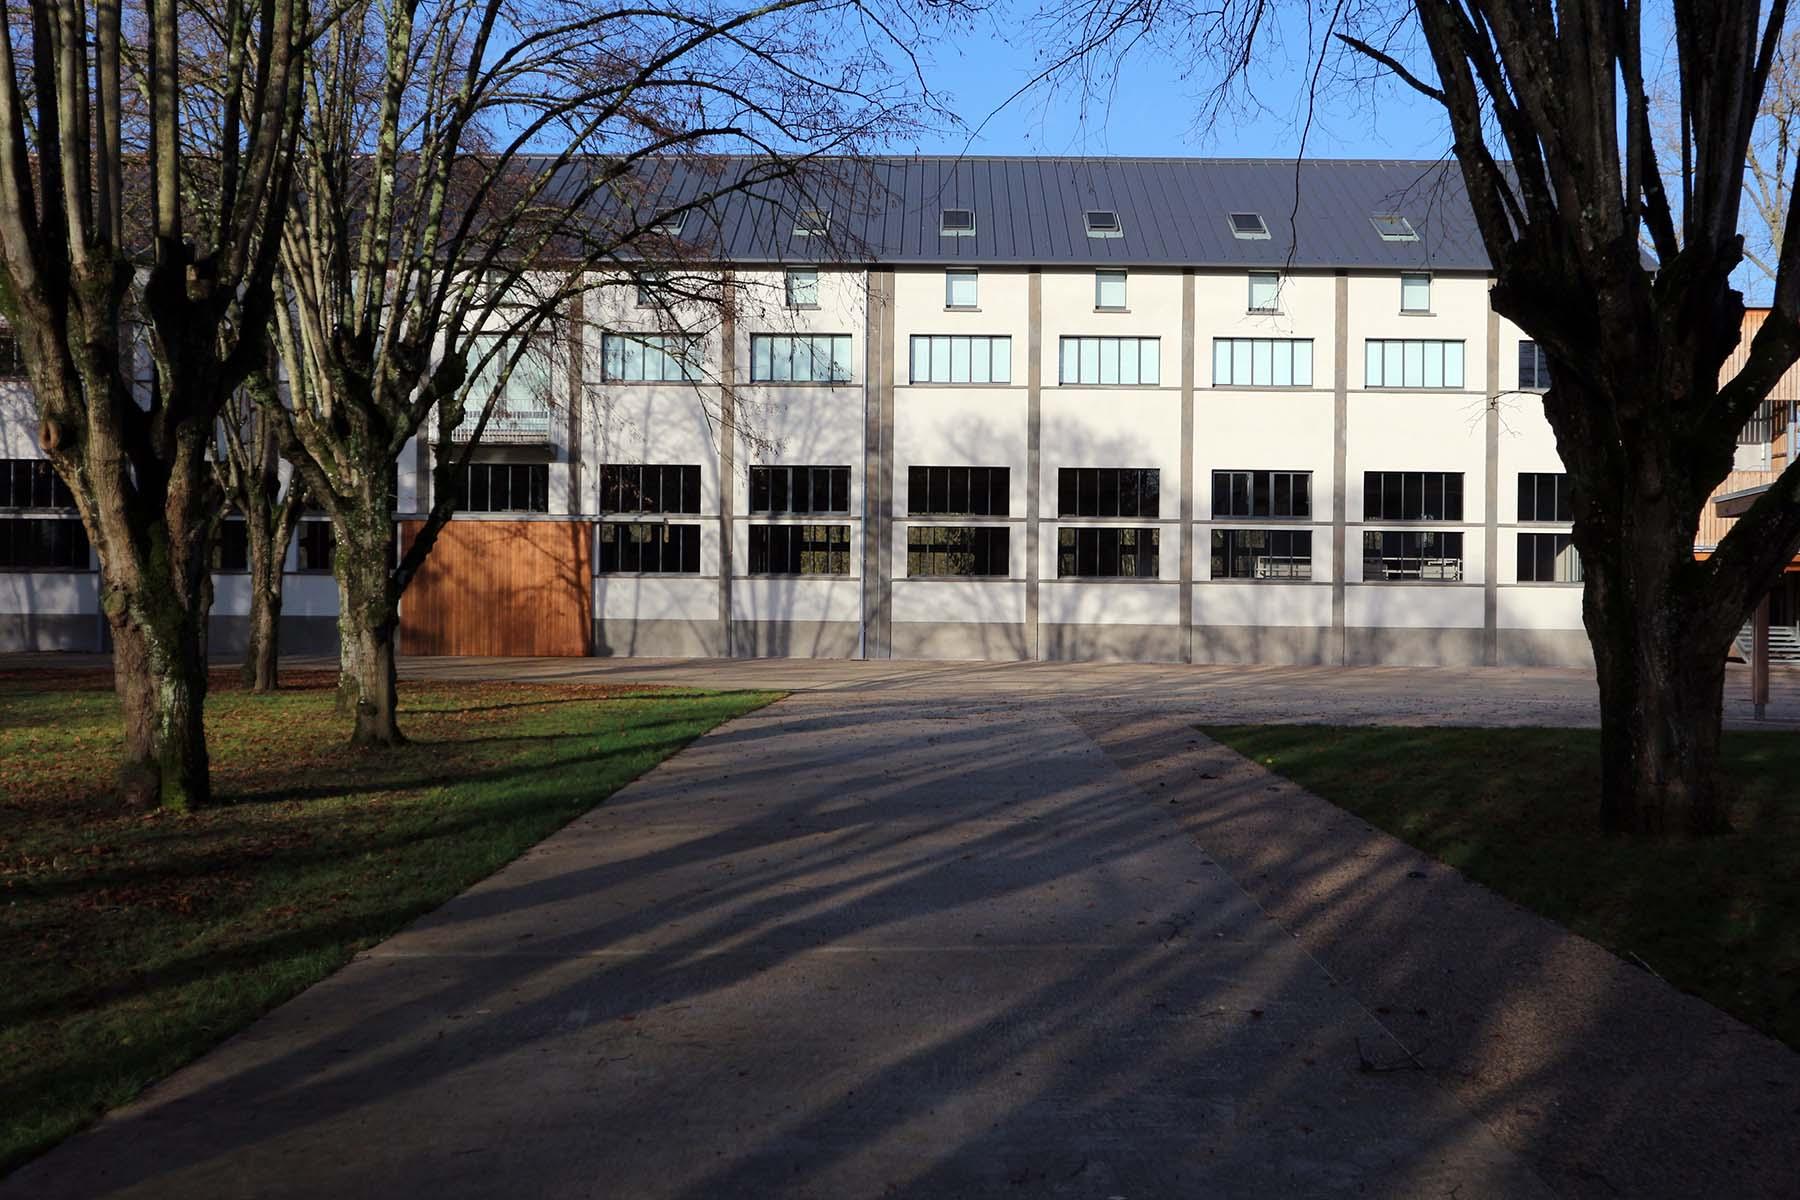 Amilly. Les Tanneries – Centre d'Art Contemporain wurde 2016 in einem ehemaligen Gerbereigebäude errichtet.